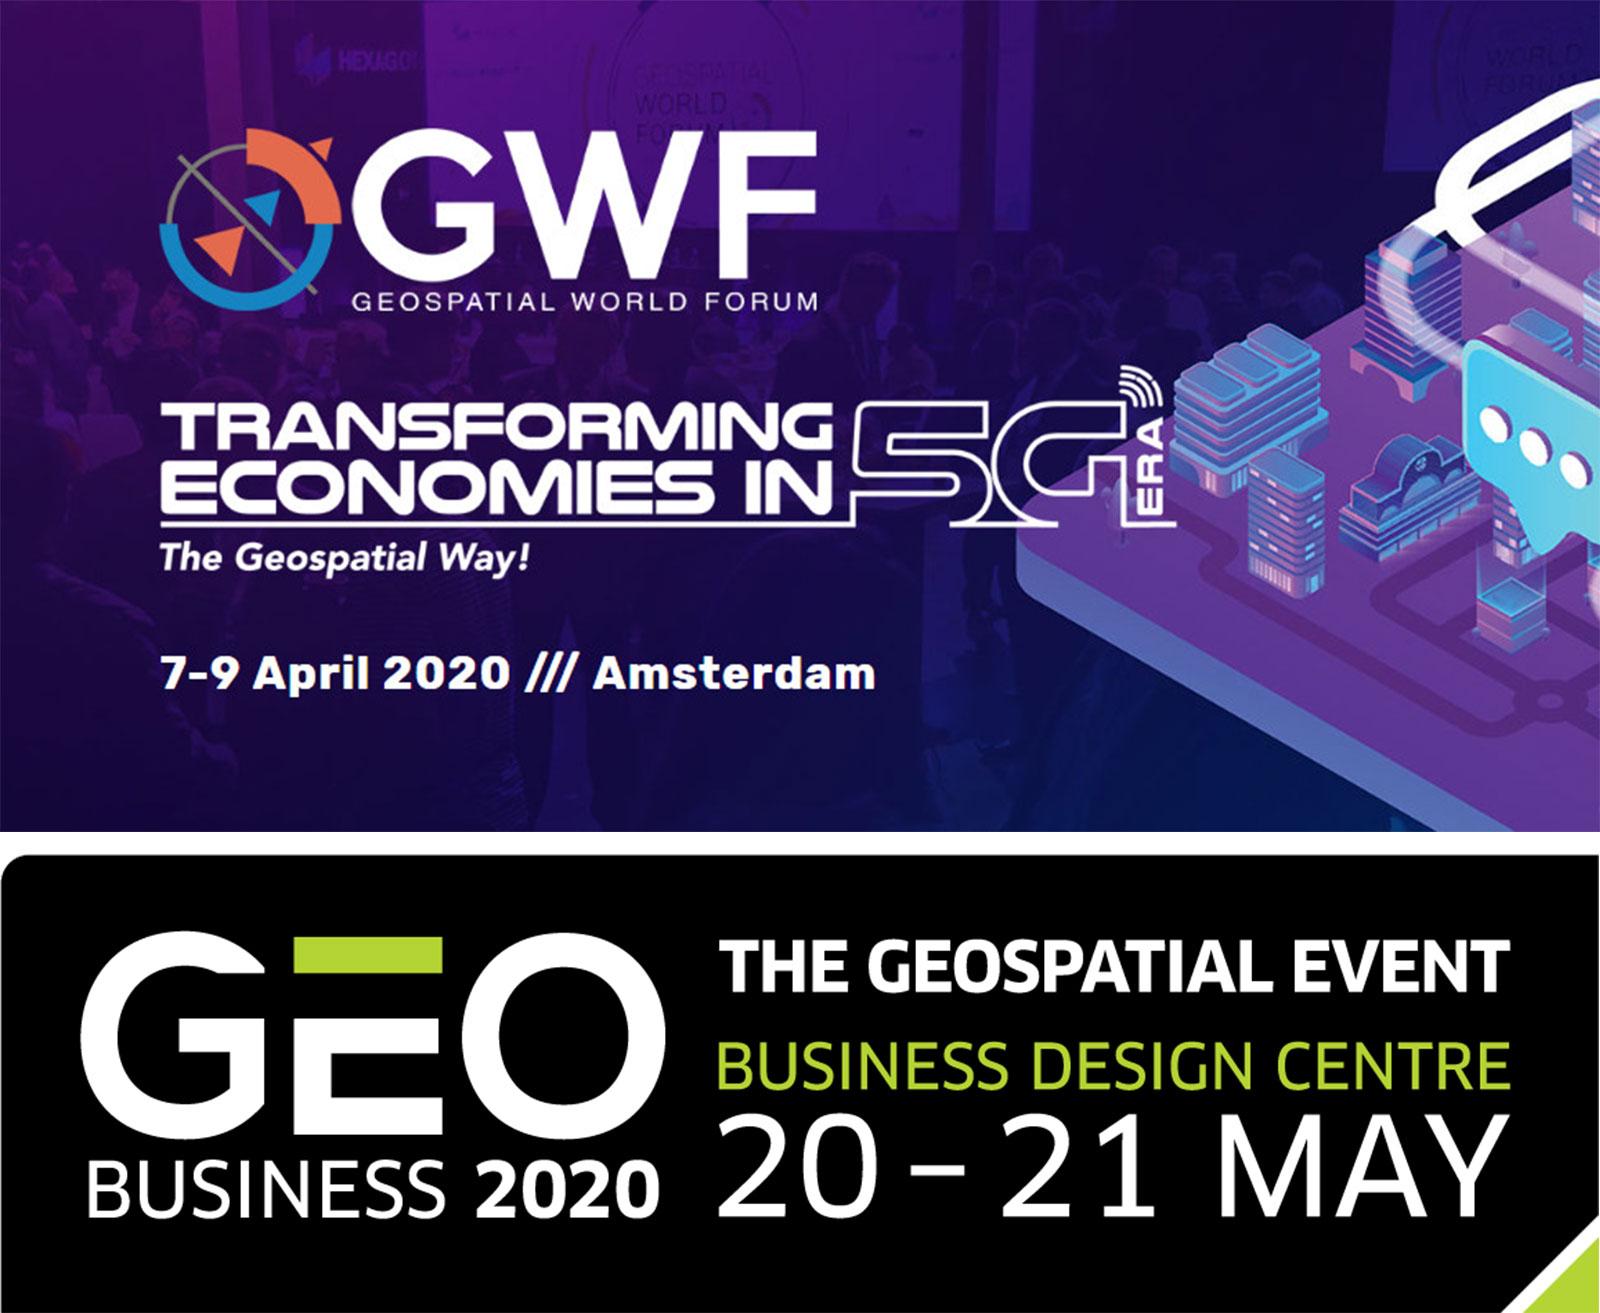 Reduct op GWG en GEO beurs 2020